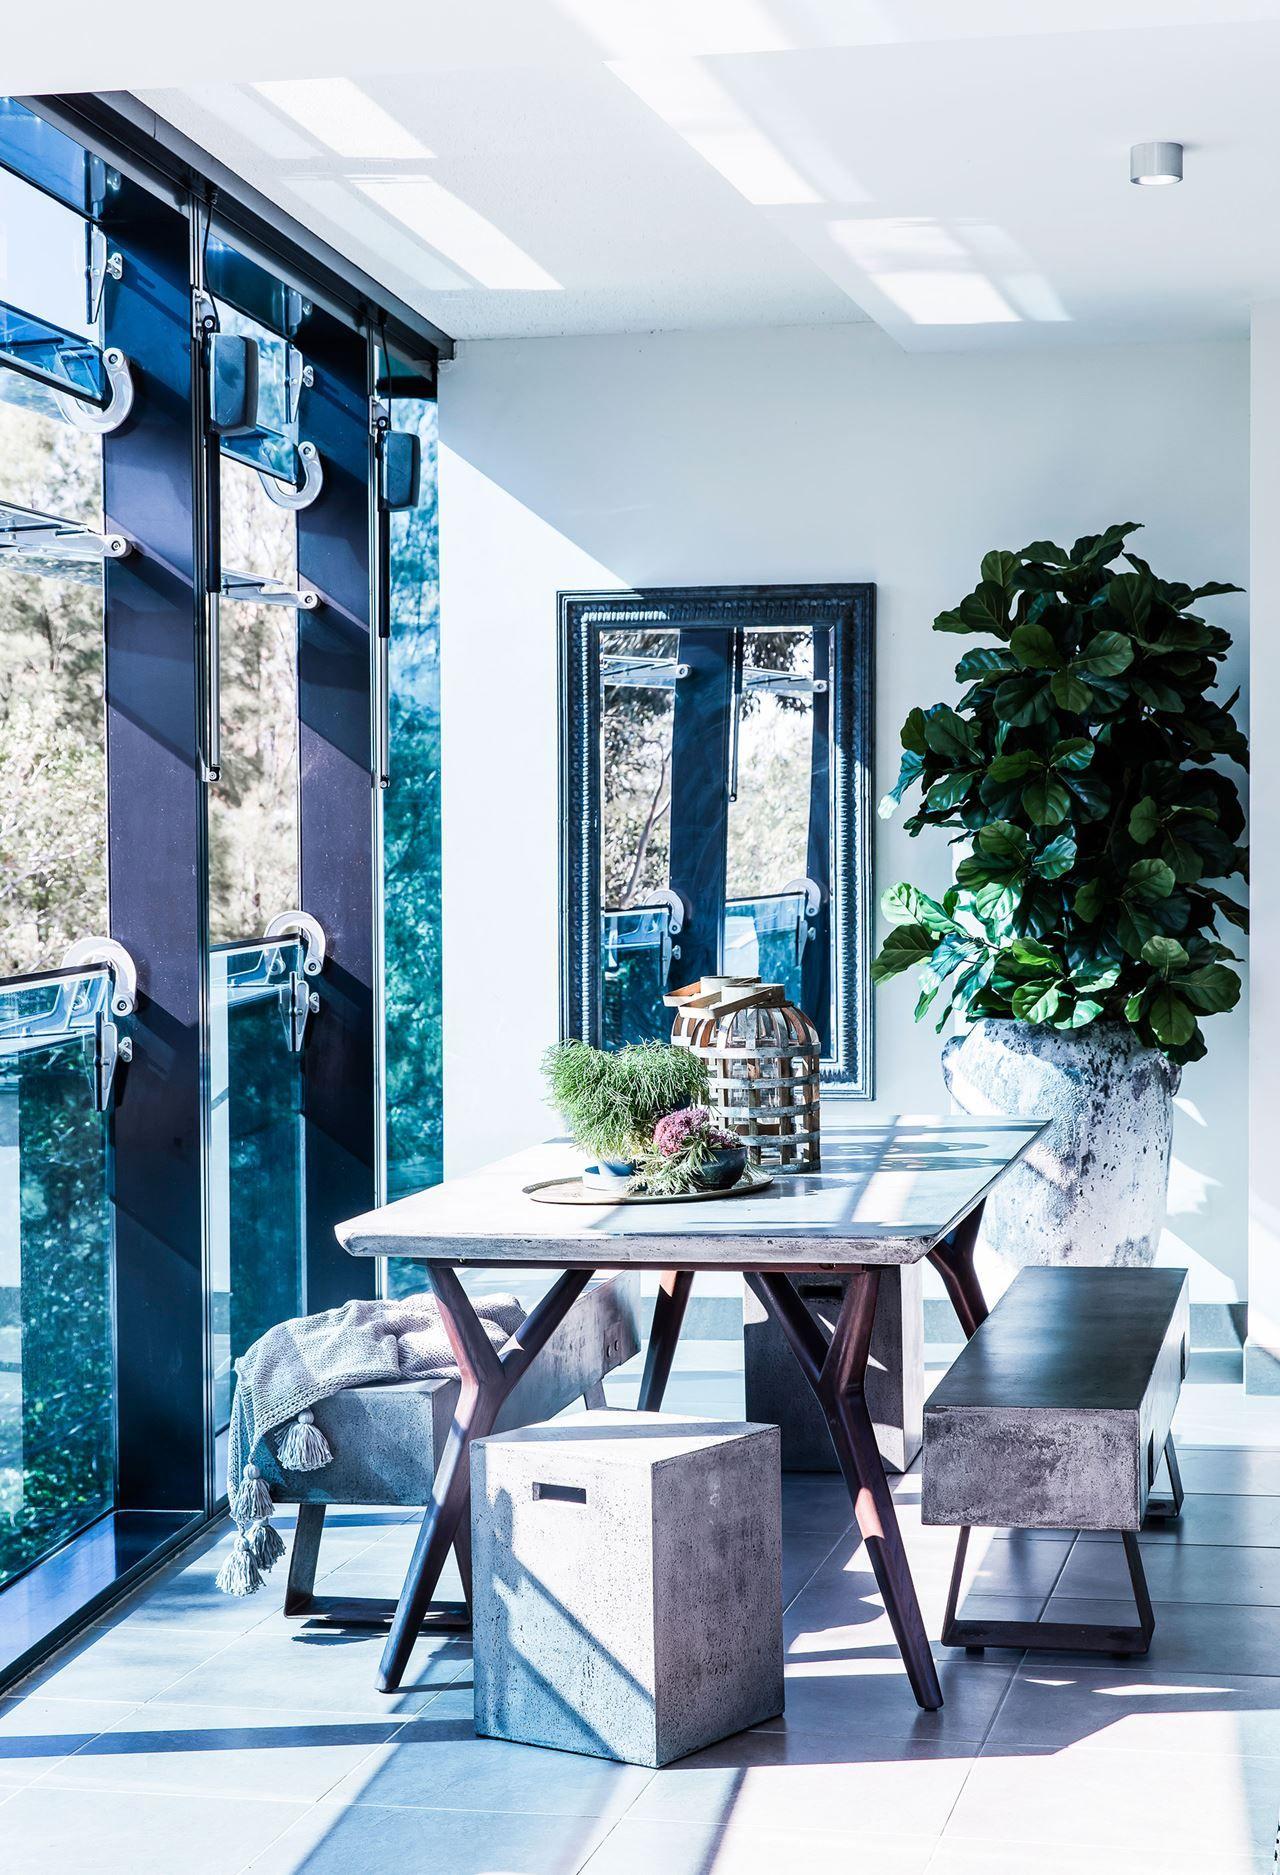 Top 50 Room Decor Ideas 2016 According To Top 50 Room Decor Ideas 2016 According To Australian House Garden 34